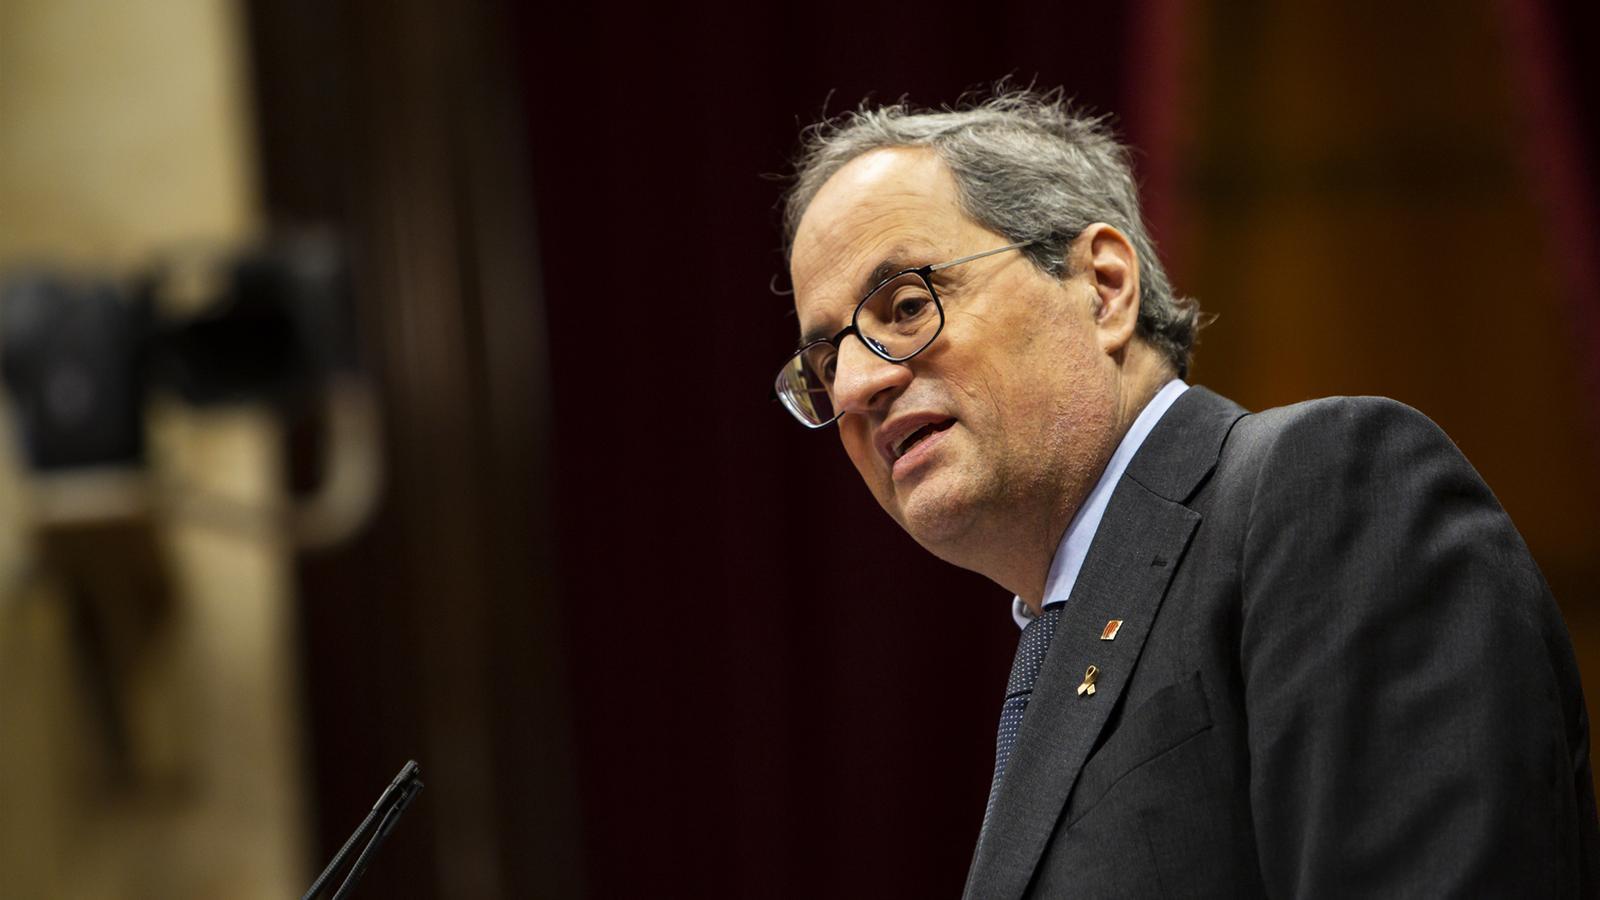 El Suprem tracta la inhabilitació del president Torra, CaixaBank i Bankia es fusionen avui i els promotors del vot de censura al president Bartomeu estan a punt d'assolir l'objectiu: les claus del dia, amb Antoni Bassas (17/09/2020)